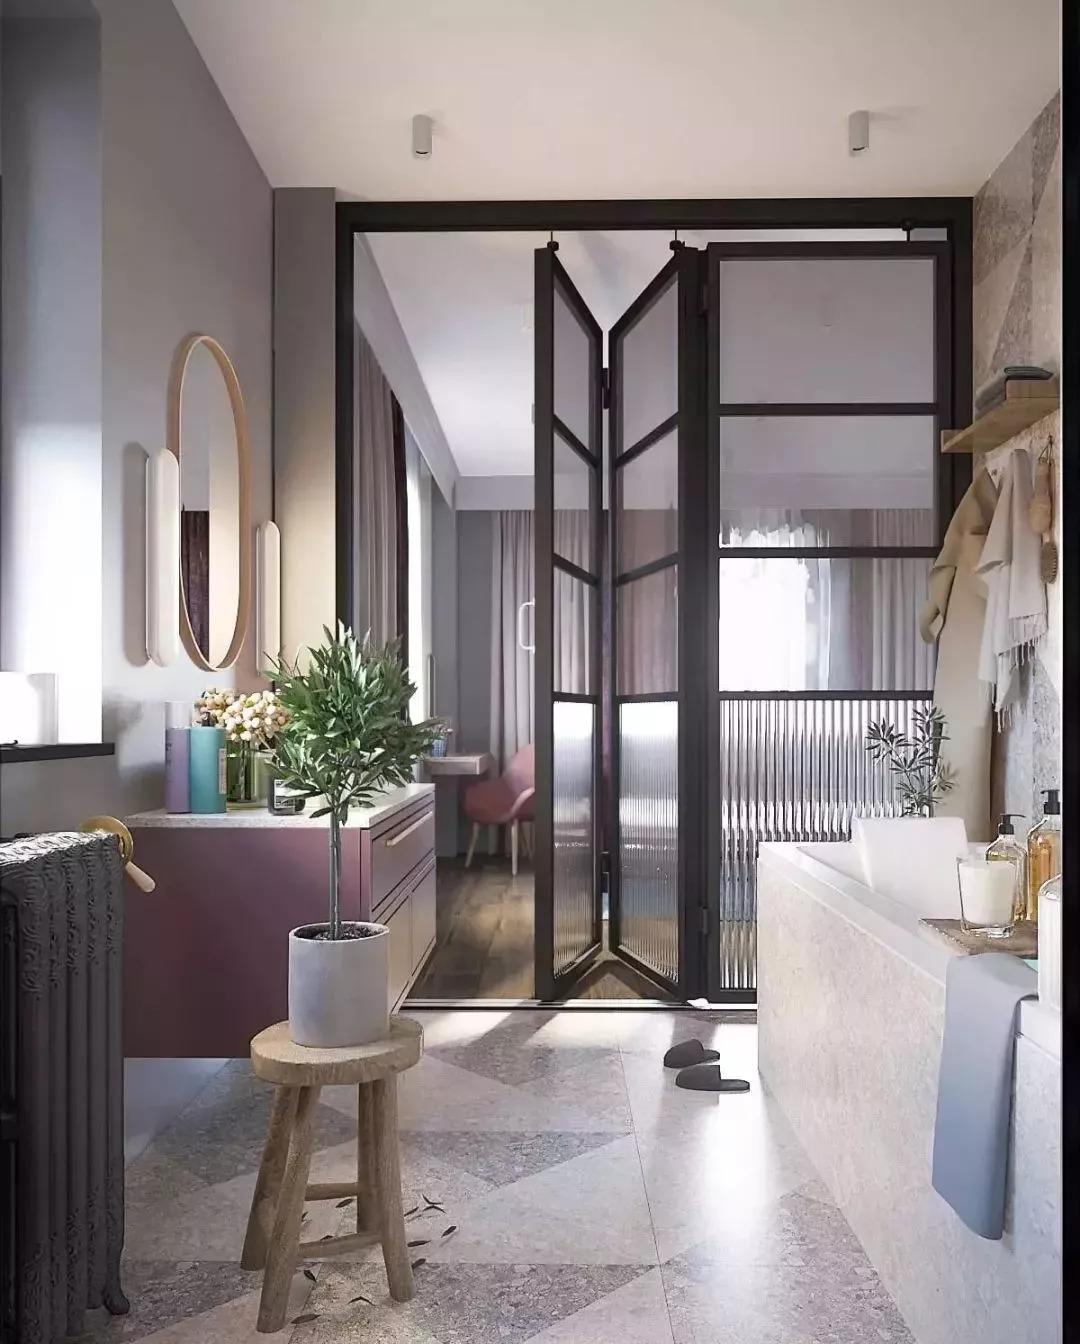 卫生间图片来自鹏友百年装饰在这种配色,不是每个设计师都敢用的分享